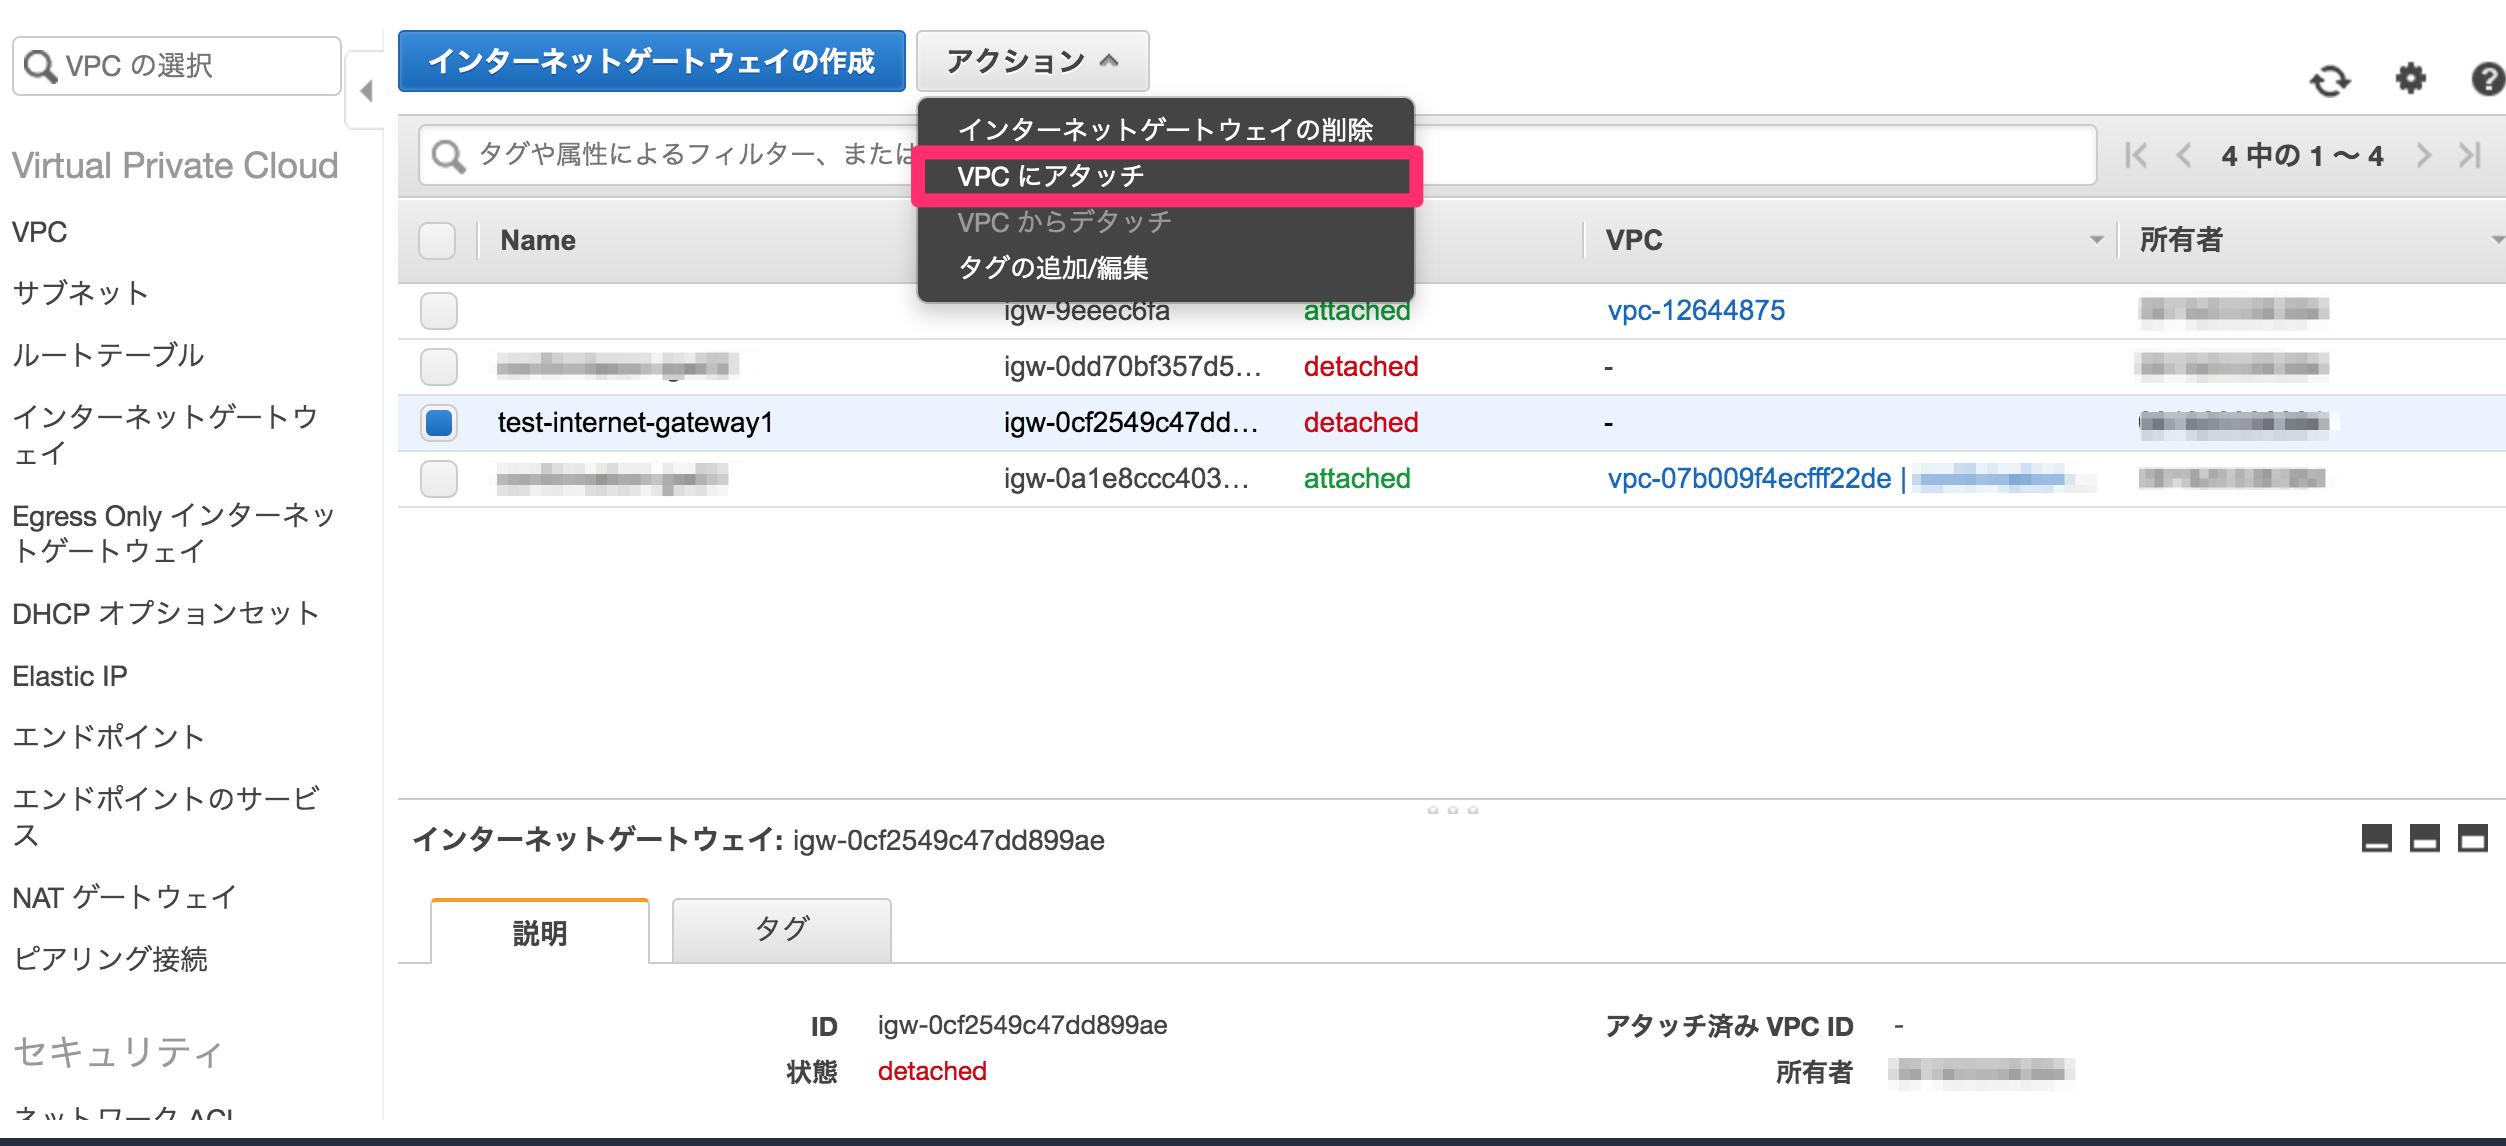 インターネットゲートウェイ___VPC_Management_Console.png